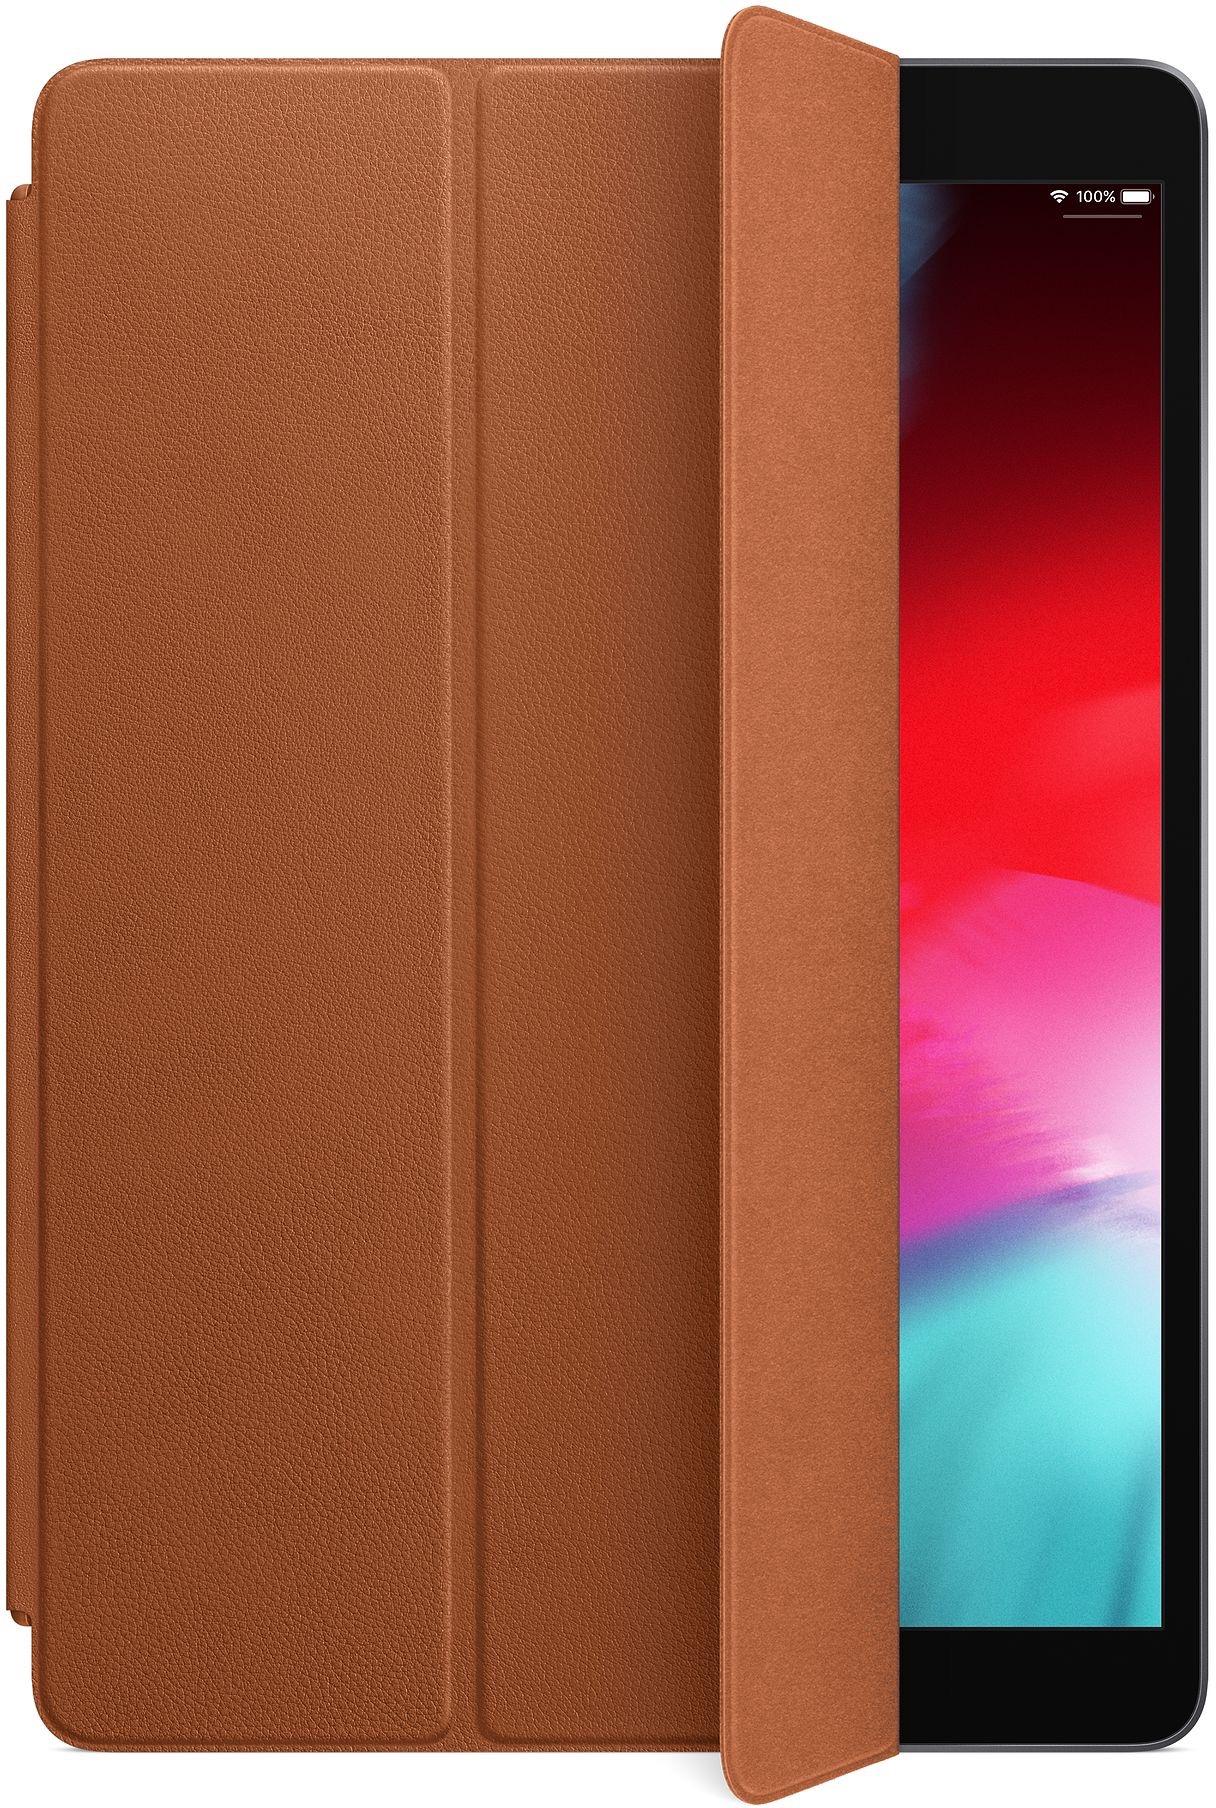 Smart Cover de couro para iPad Air